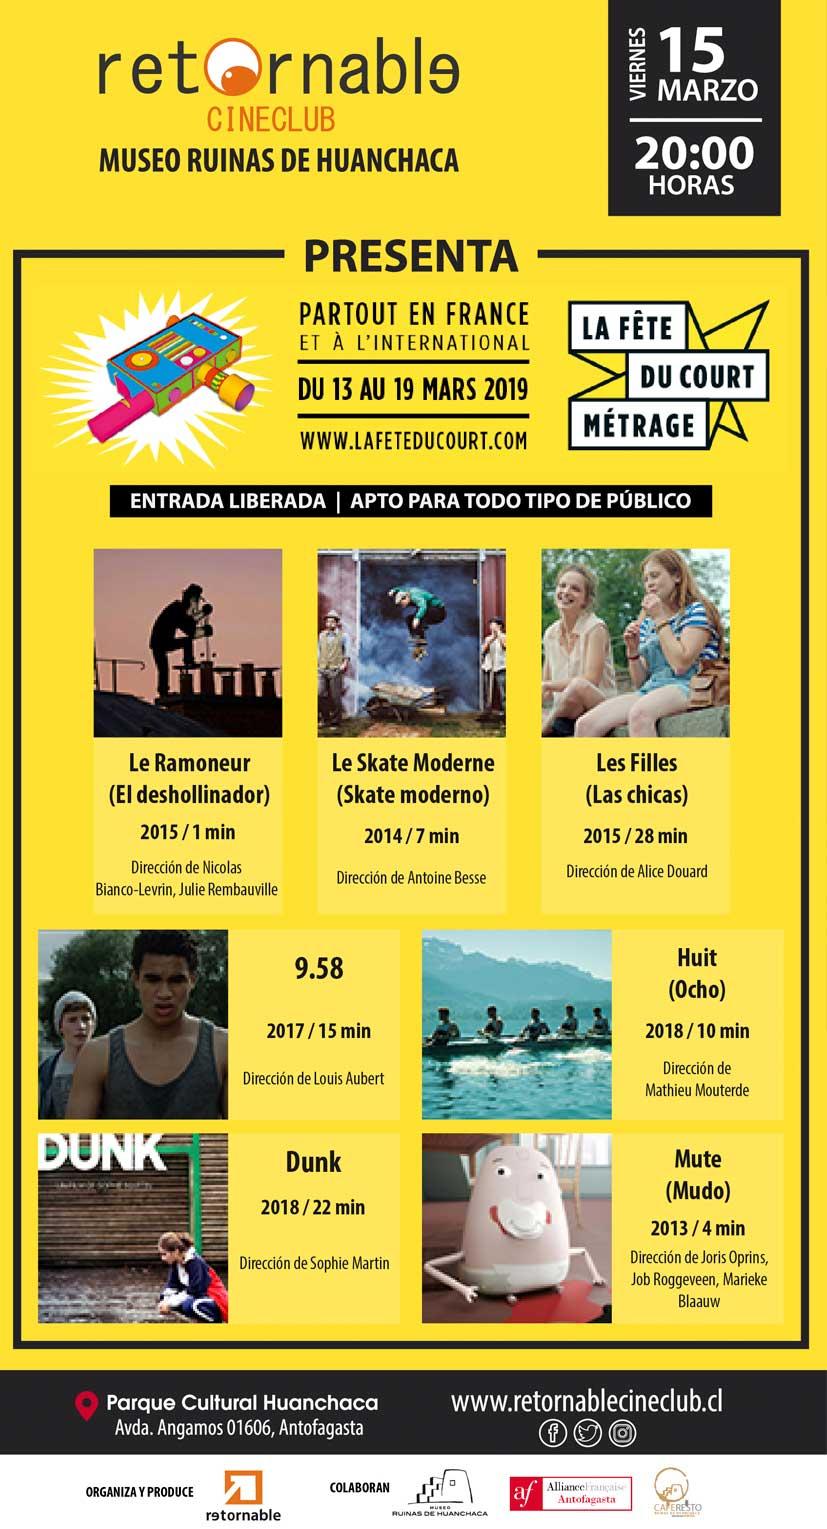 cartelera-junio2018-02